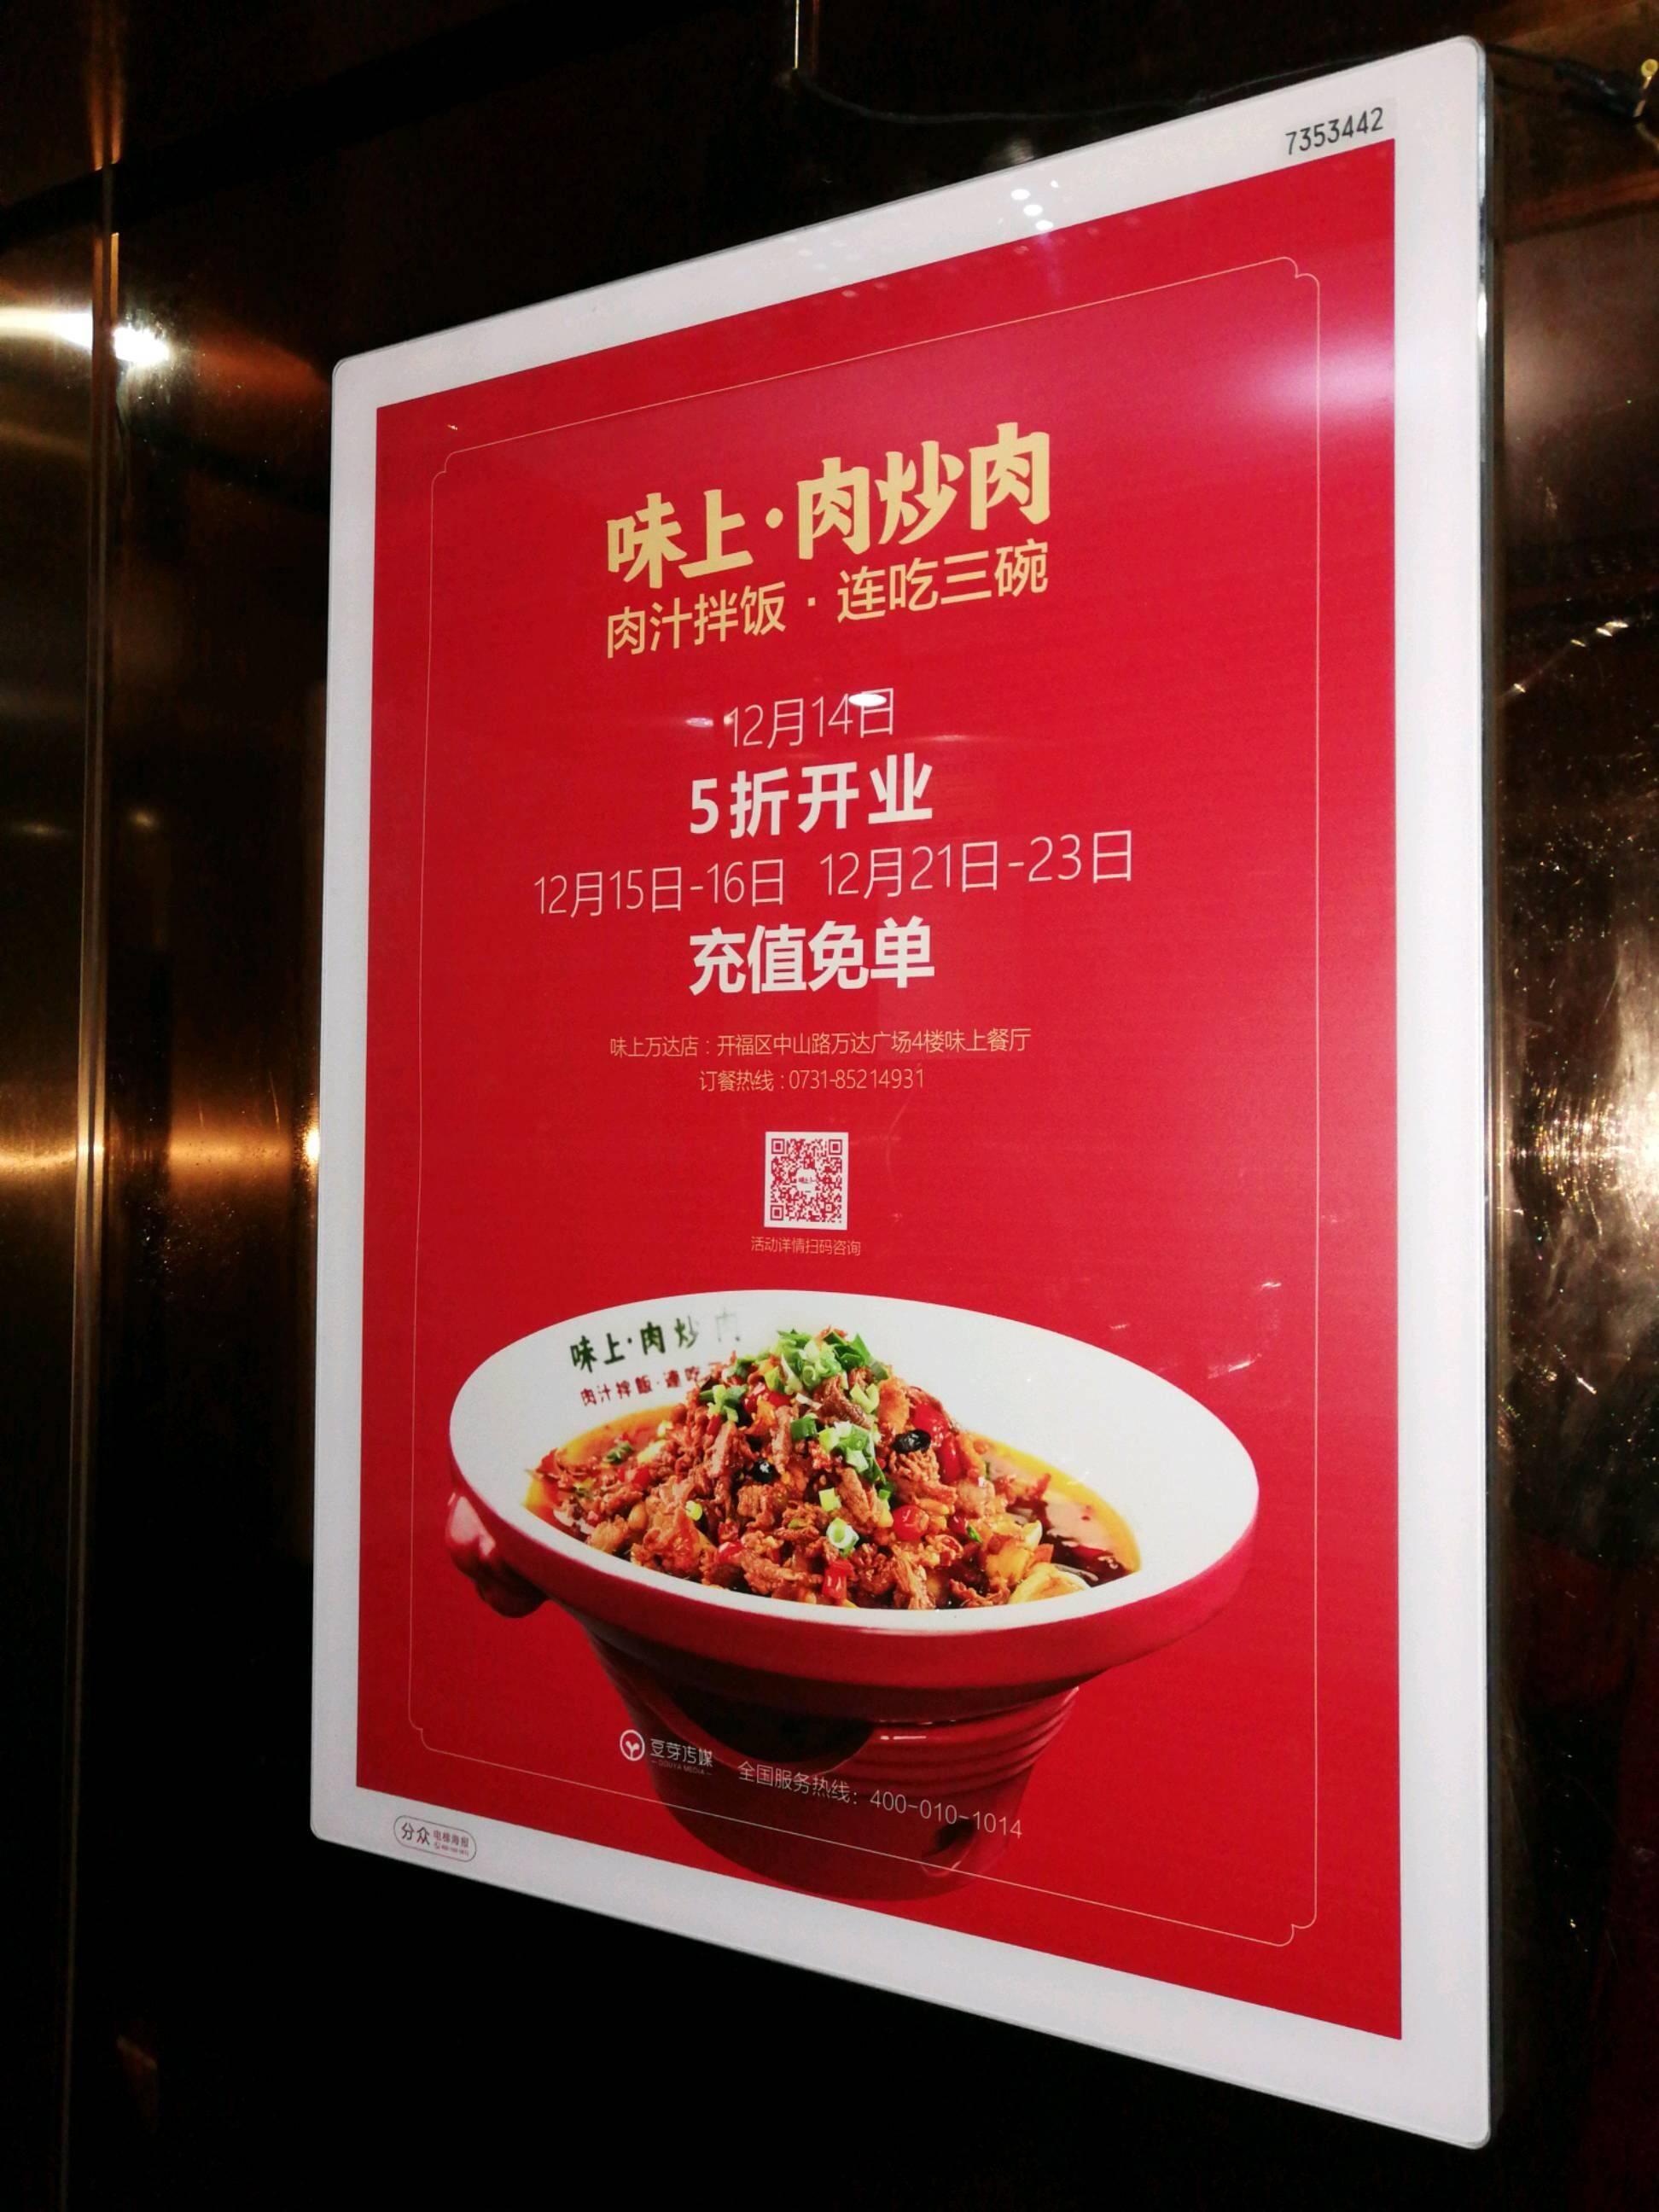 沈阳电梯广告公司广告牌框架3.0投放(100框起投)